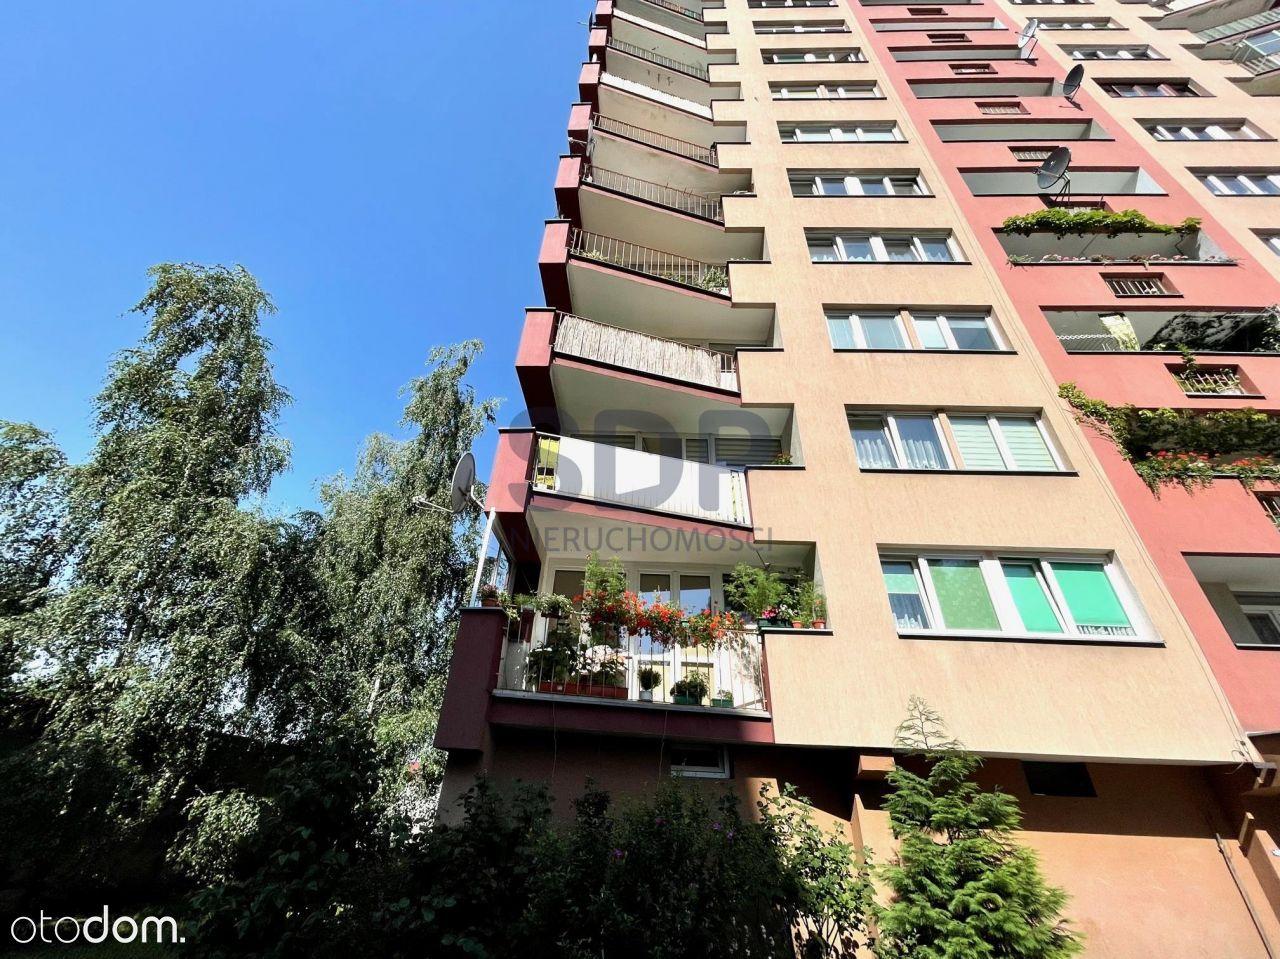 Mieszkania Obok Parku Grabiszyńskiego